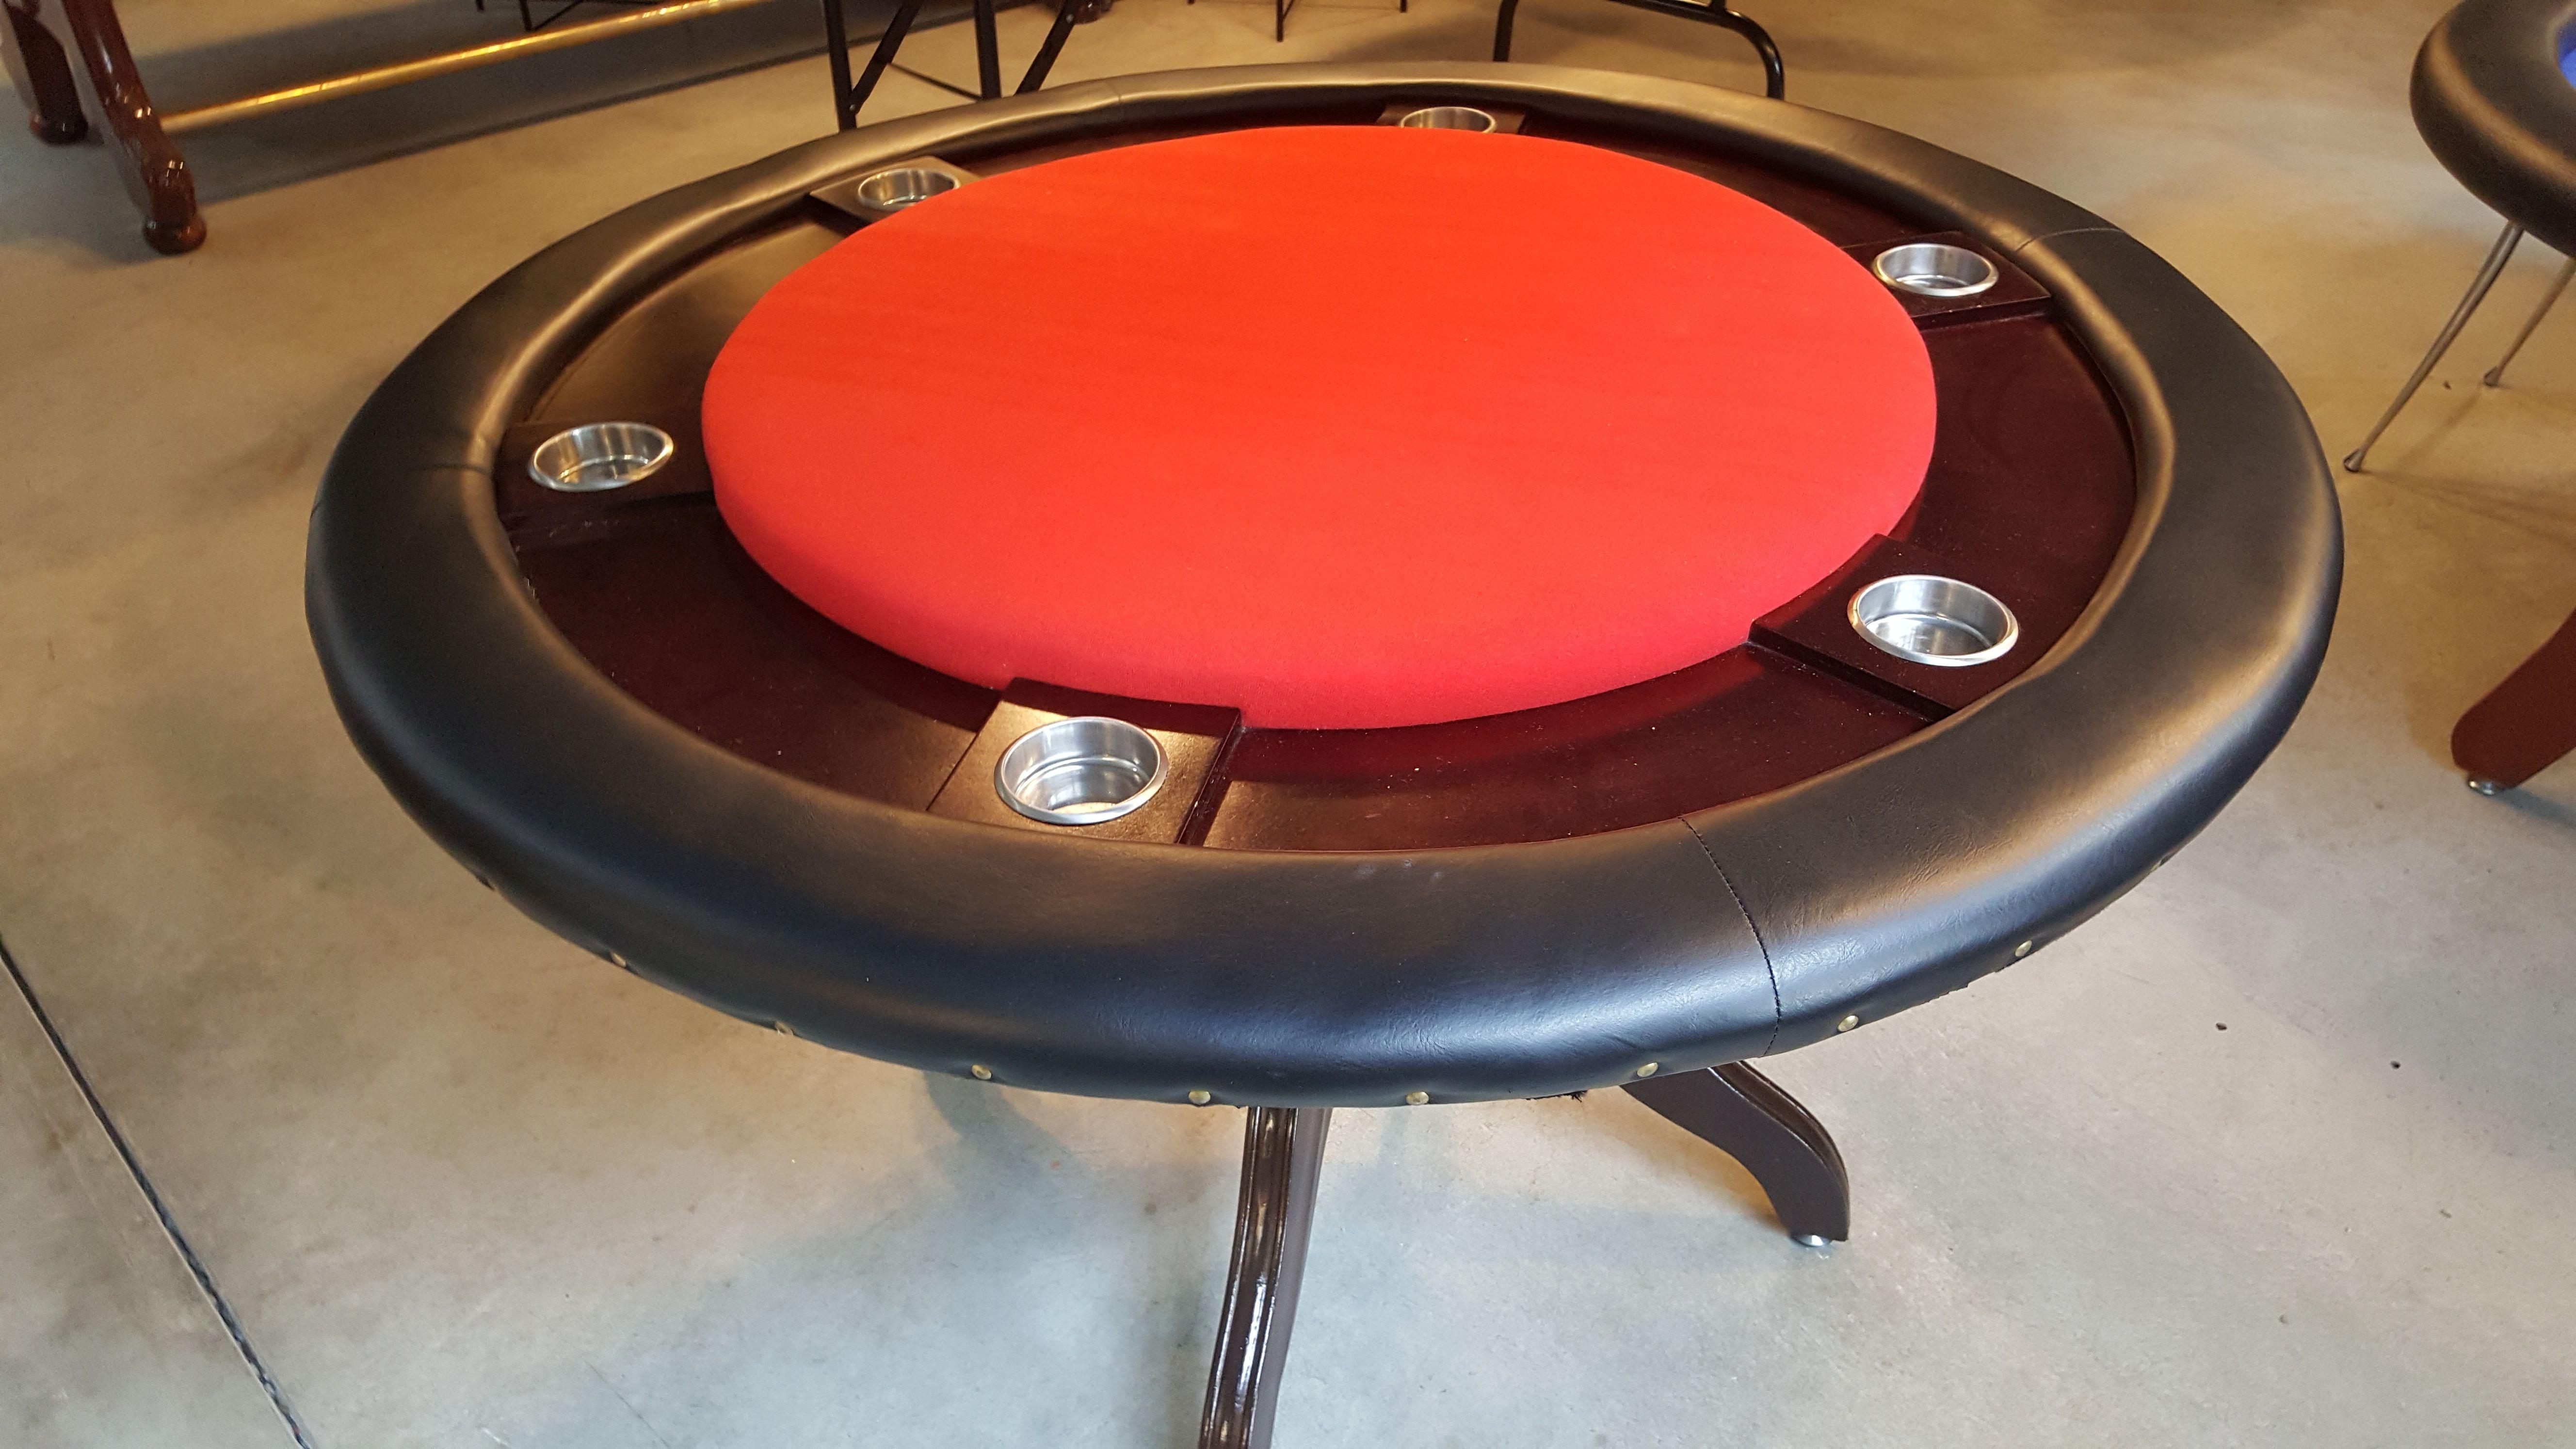 Occ. Pokertisch 120cm Durchmesser rund